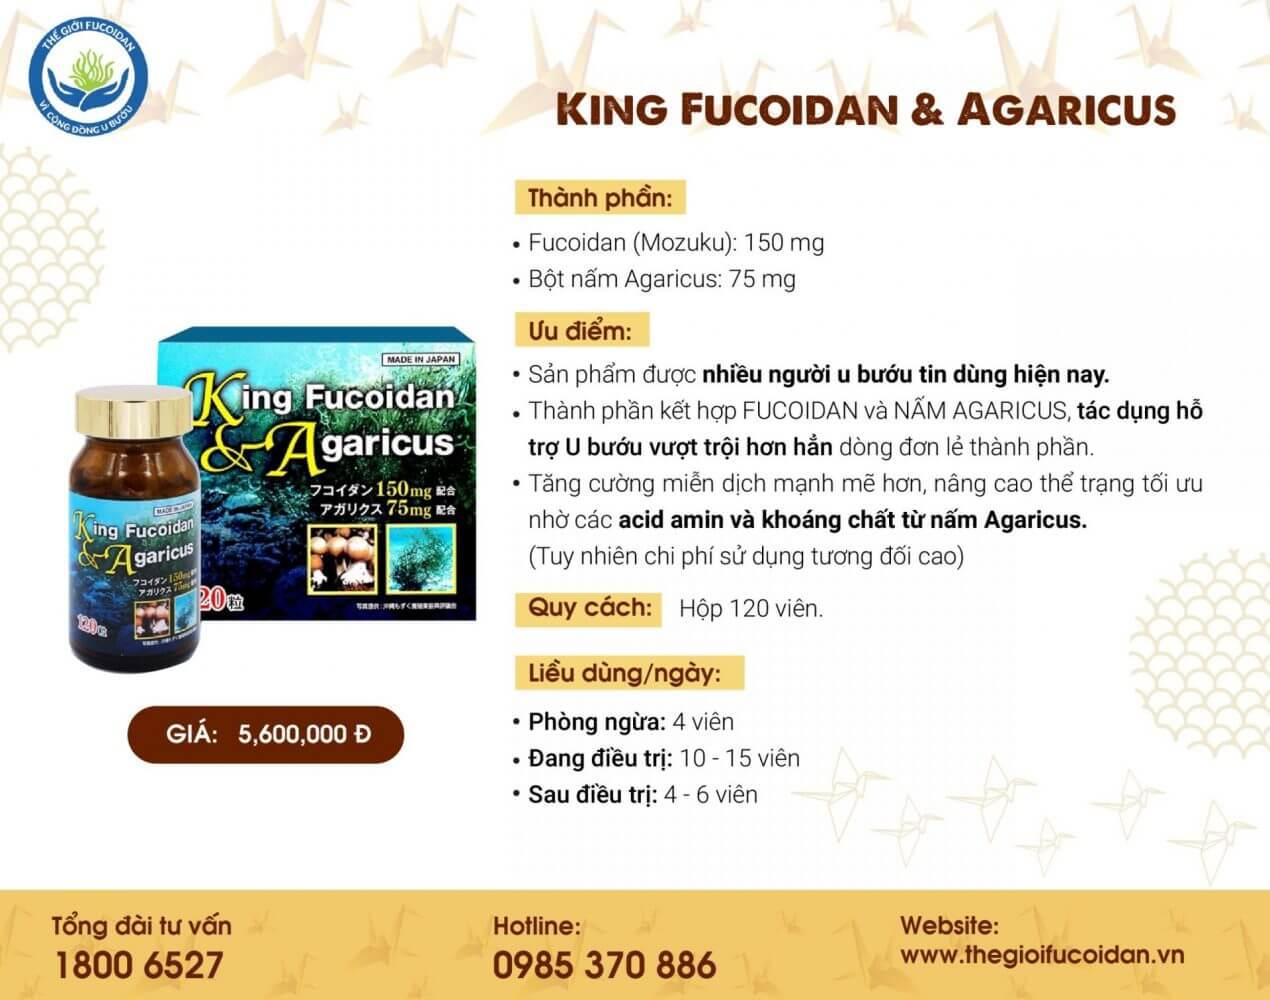 King Fucoidan - Fucoidan vua: kết hợp Fucoidan và nấm agaricus, hàm lượng thấp